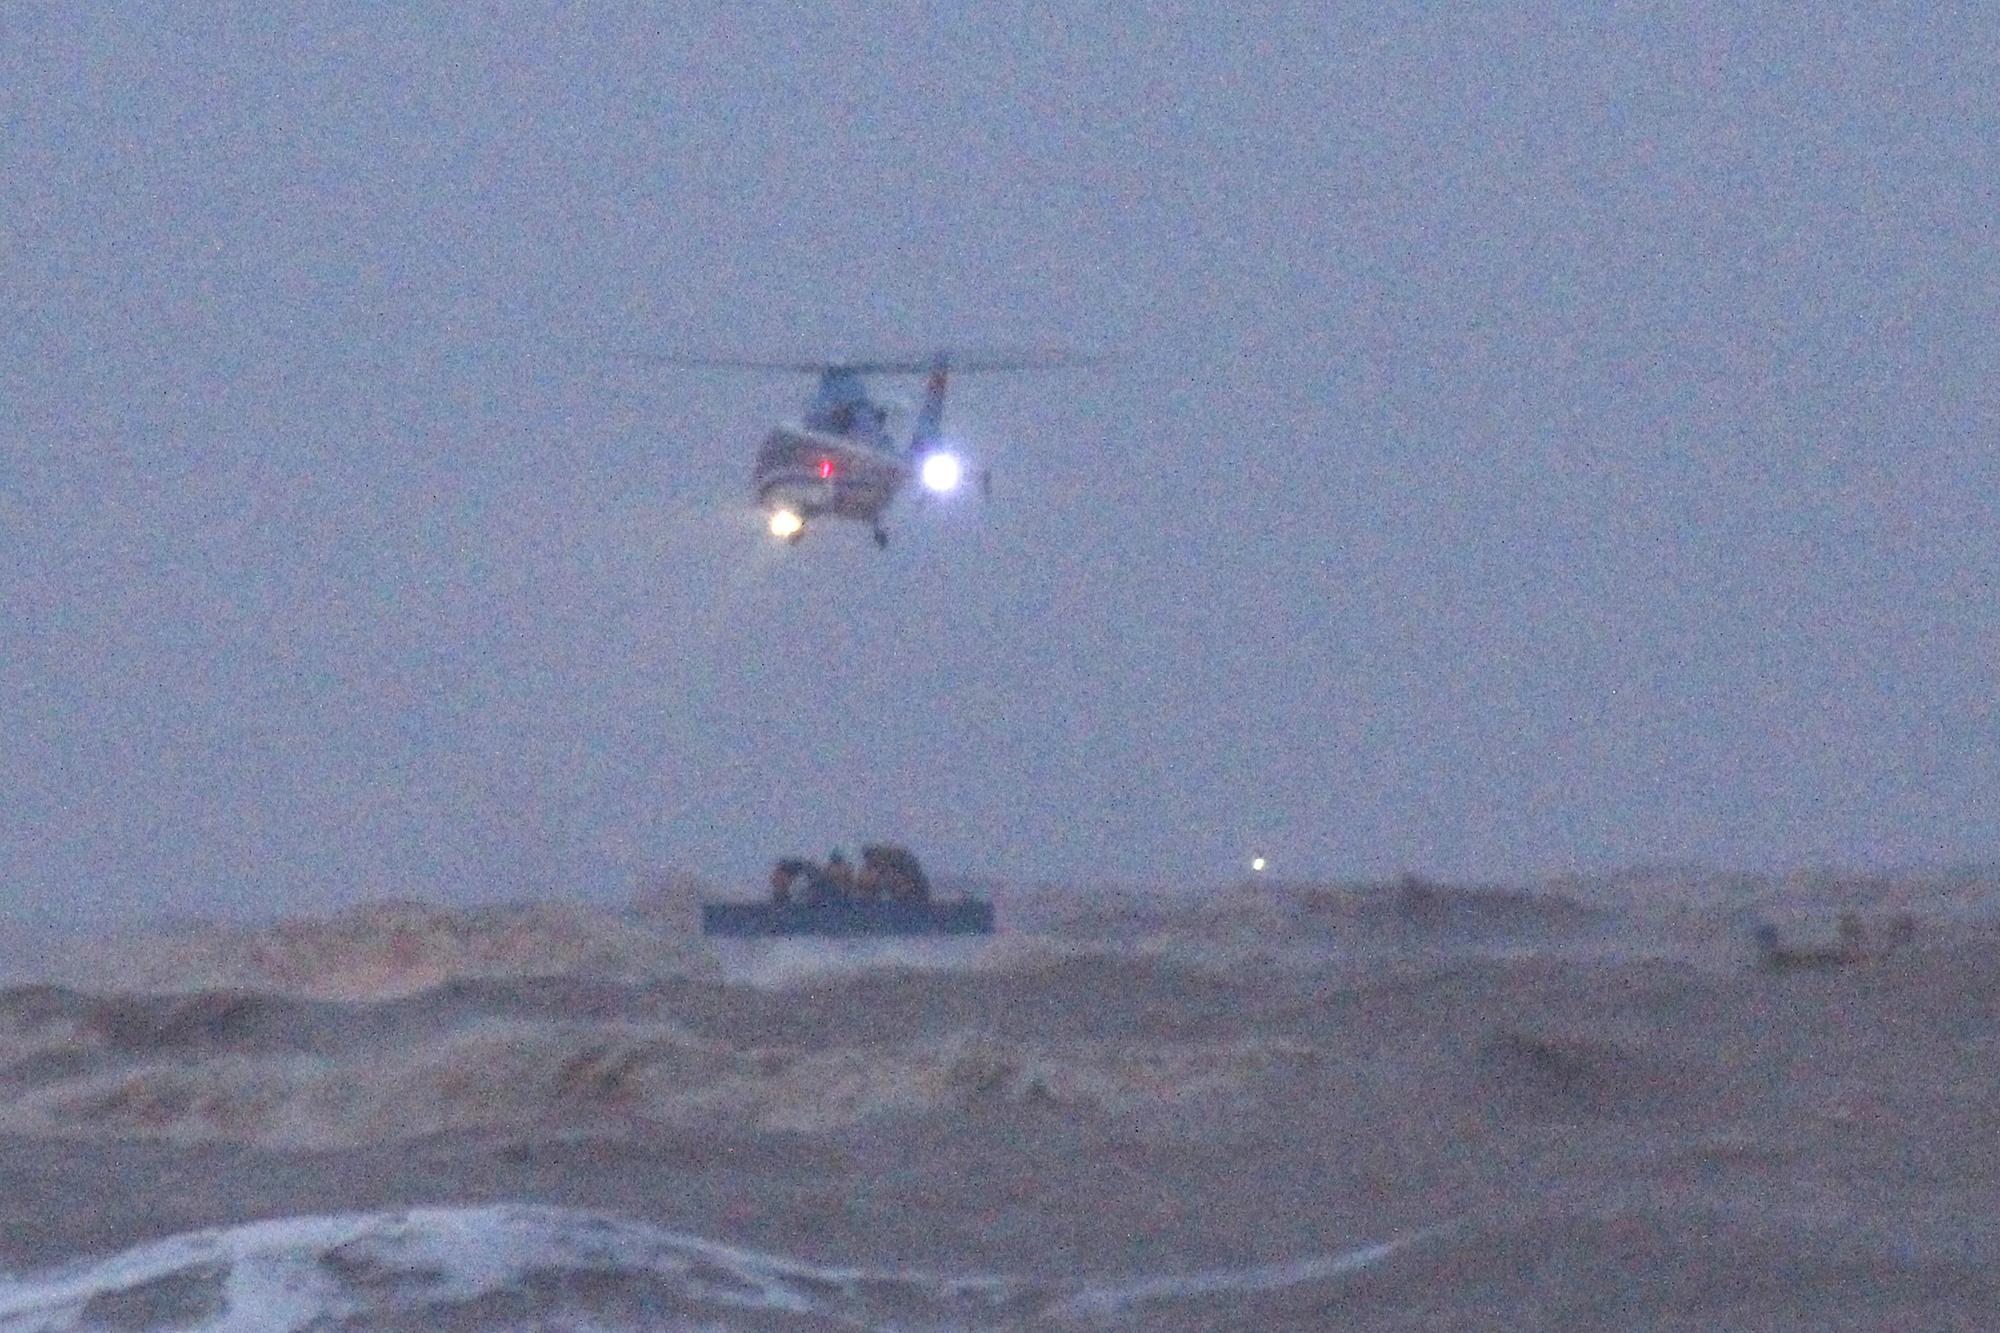 Cứu 9 người trên tàu chìm ở Quảng Trị: Trực thăng quần thảo rồi thả dây và cơ hội vào 10h tối nay - Ảnh 1.